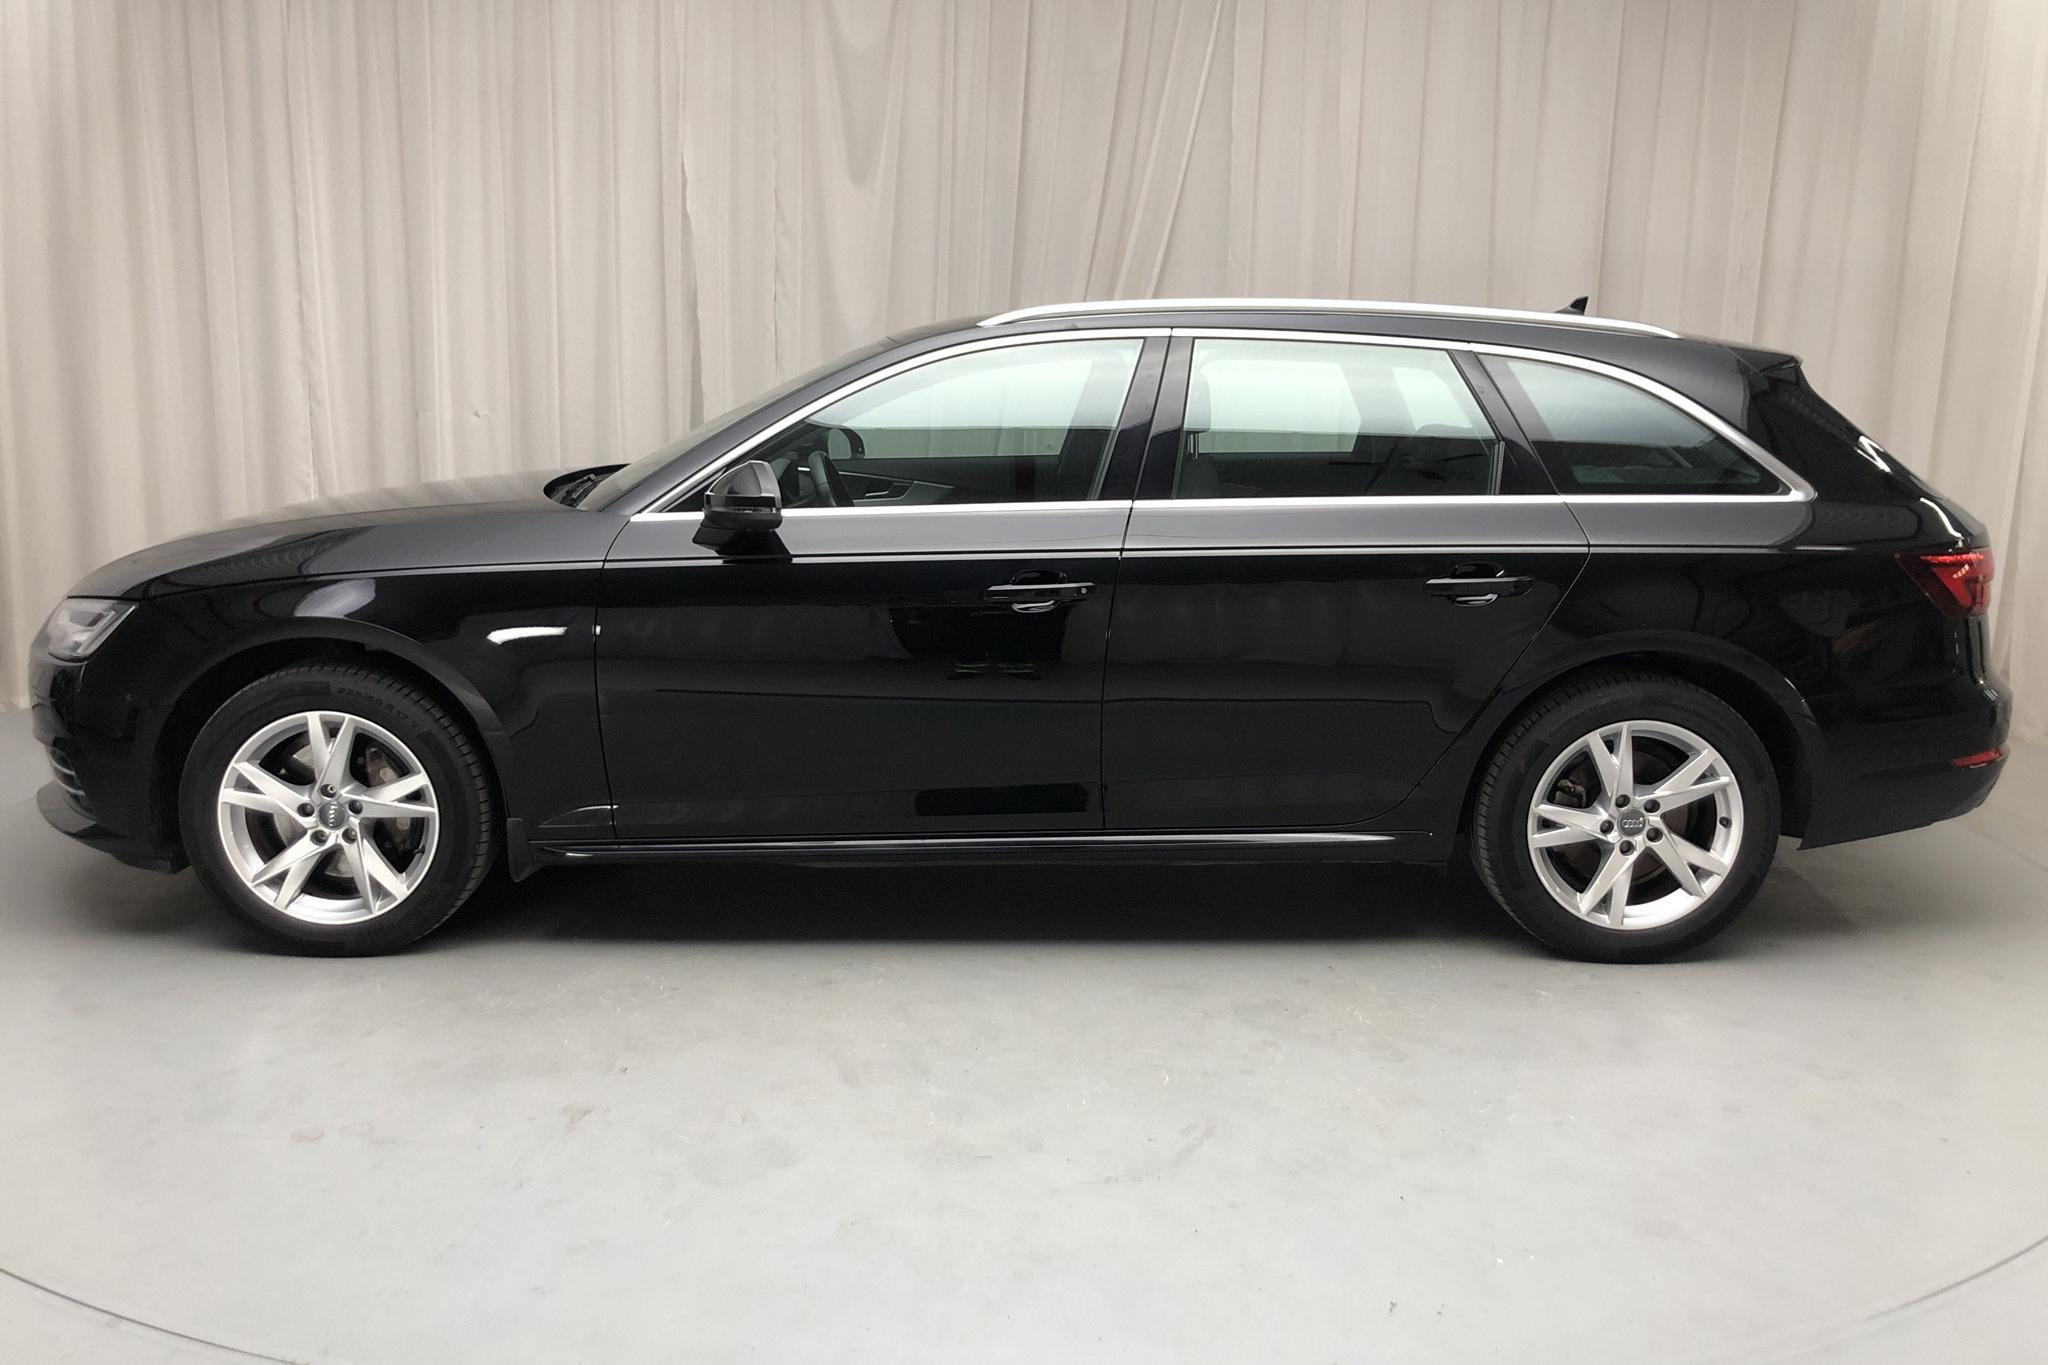 Audi A4 2.0 TDI Avant quattro (190hk) - 2 824 mil - Automat - svart - 2018